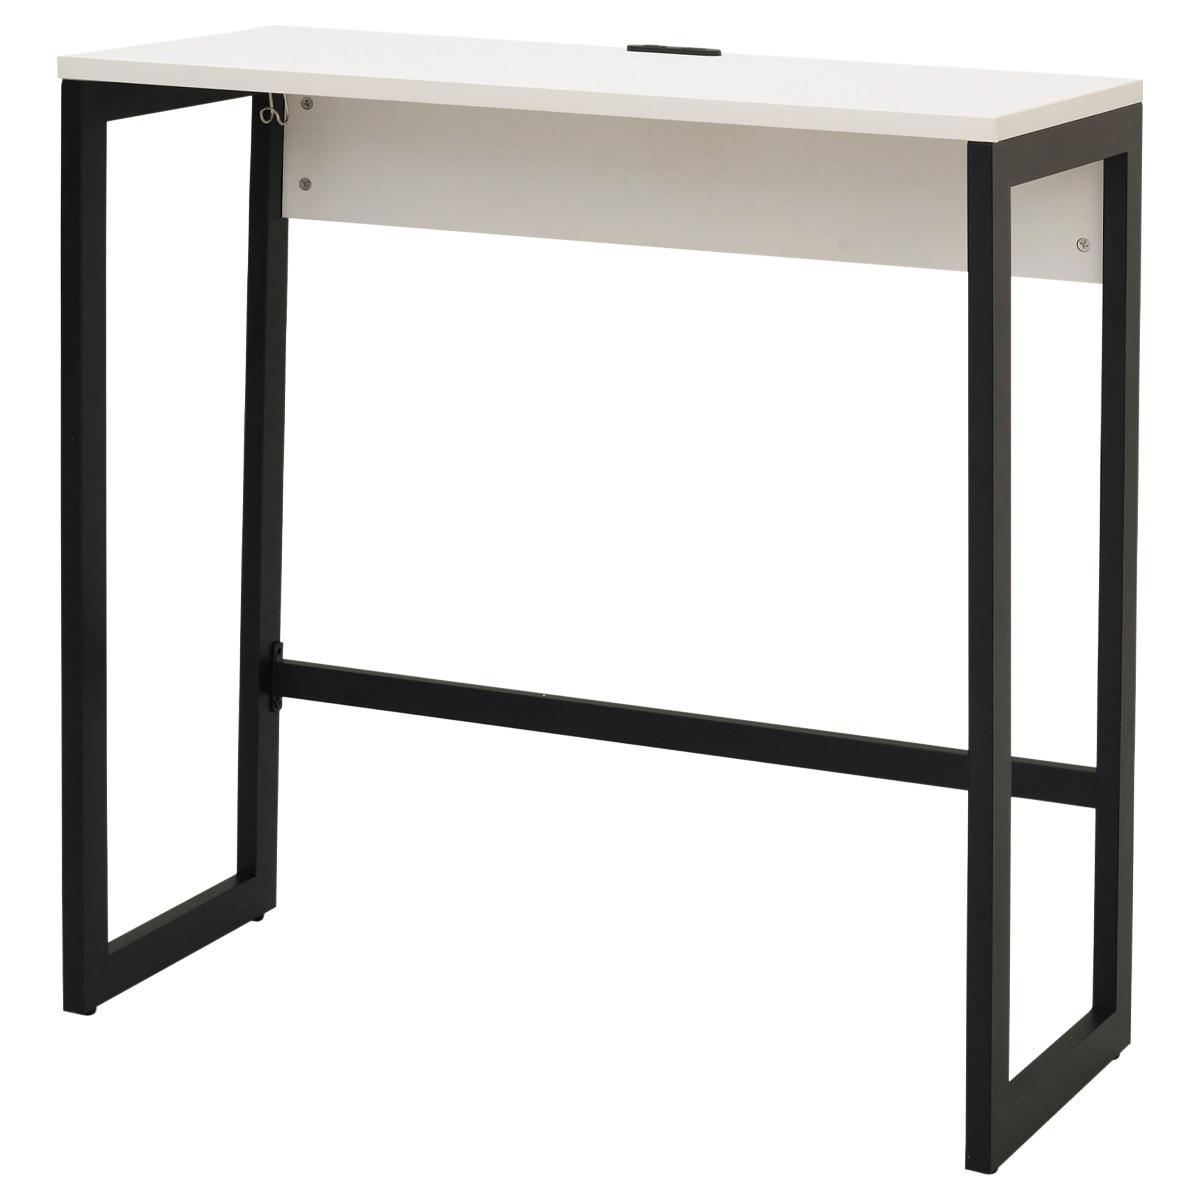 リスム ハイデスク W1000 D450 H1050 ホワイト テーブル 用途別ワークテーブル ハイテーブル オフィス家具 机 デスク タブレット カラー コンセント カバン コー